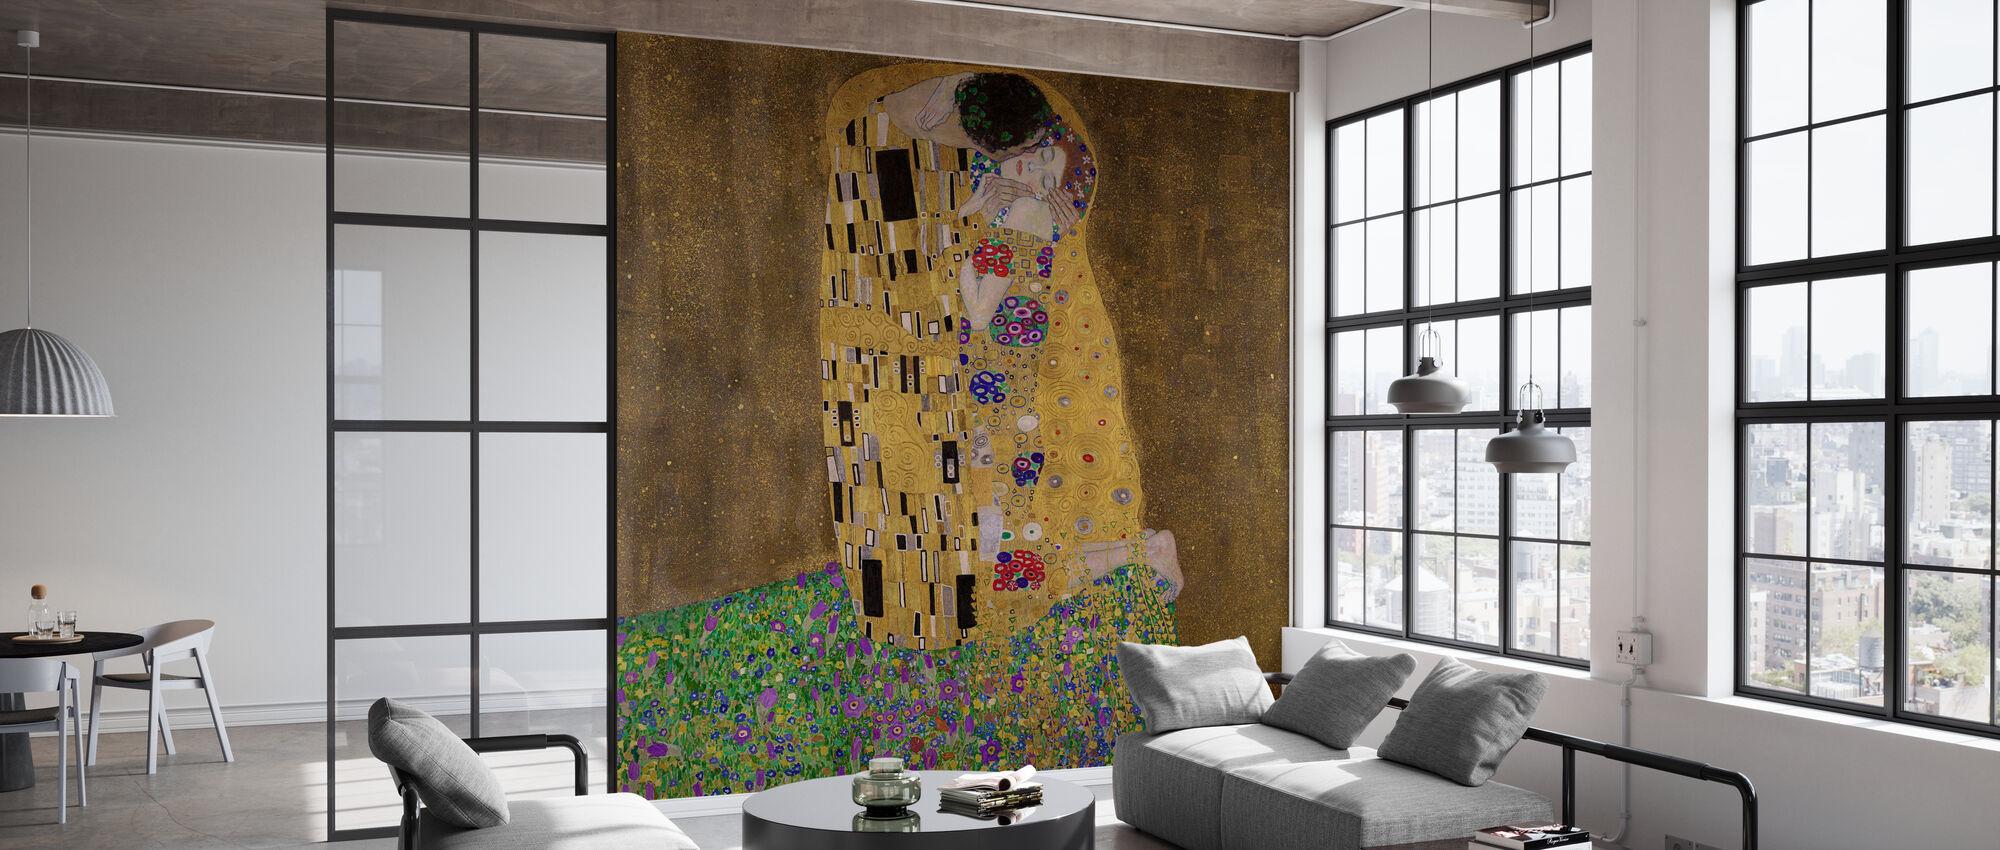 The Kiss, Gustav Klimt - Wallpaper - Office